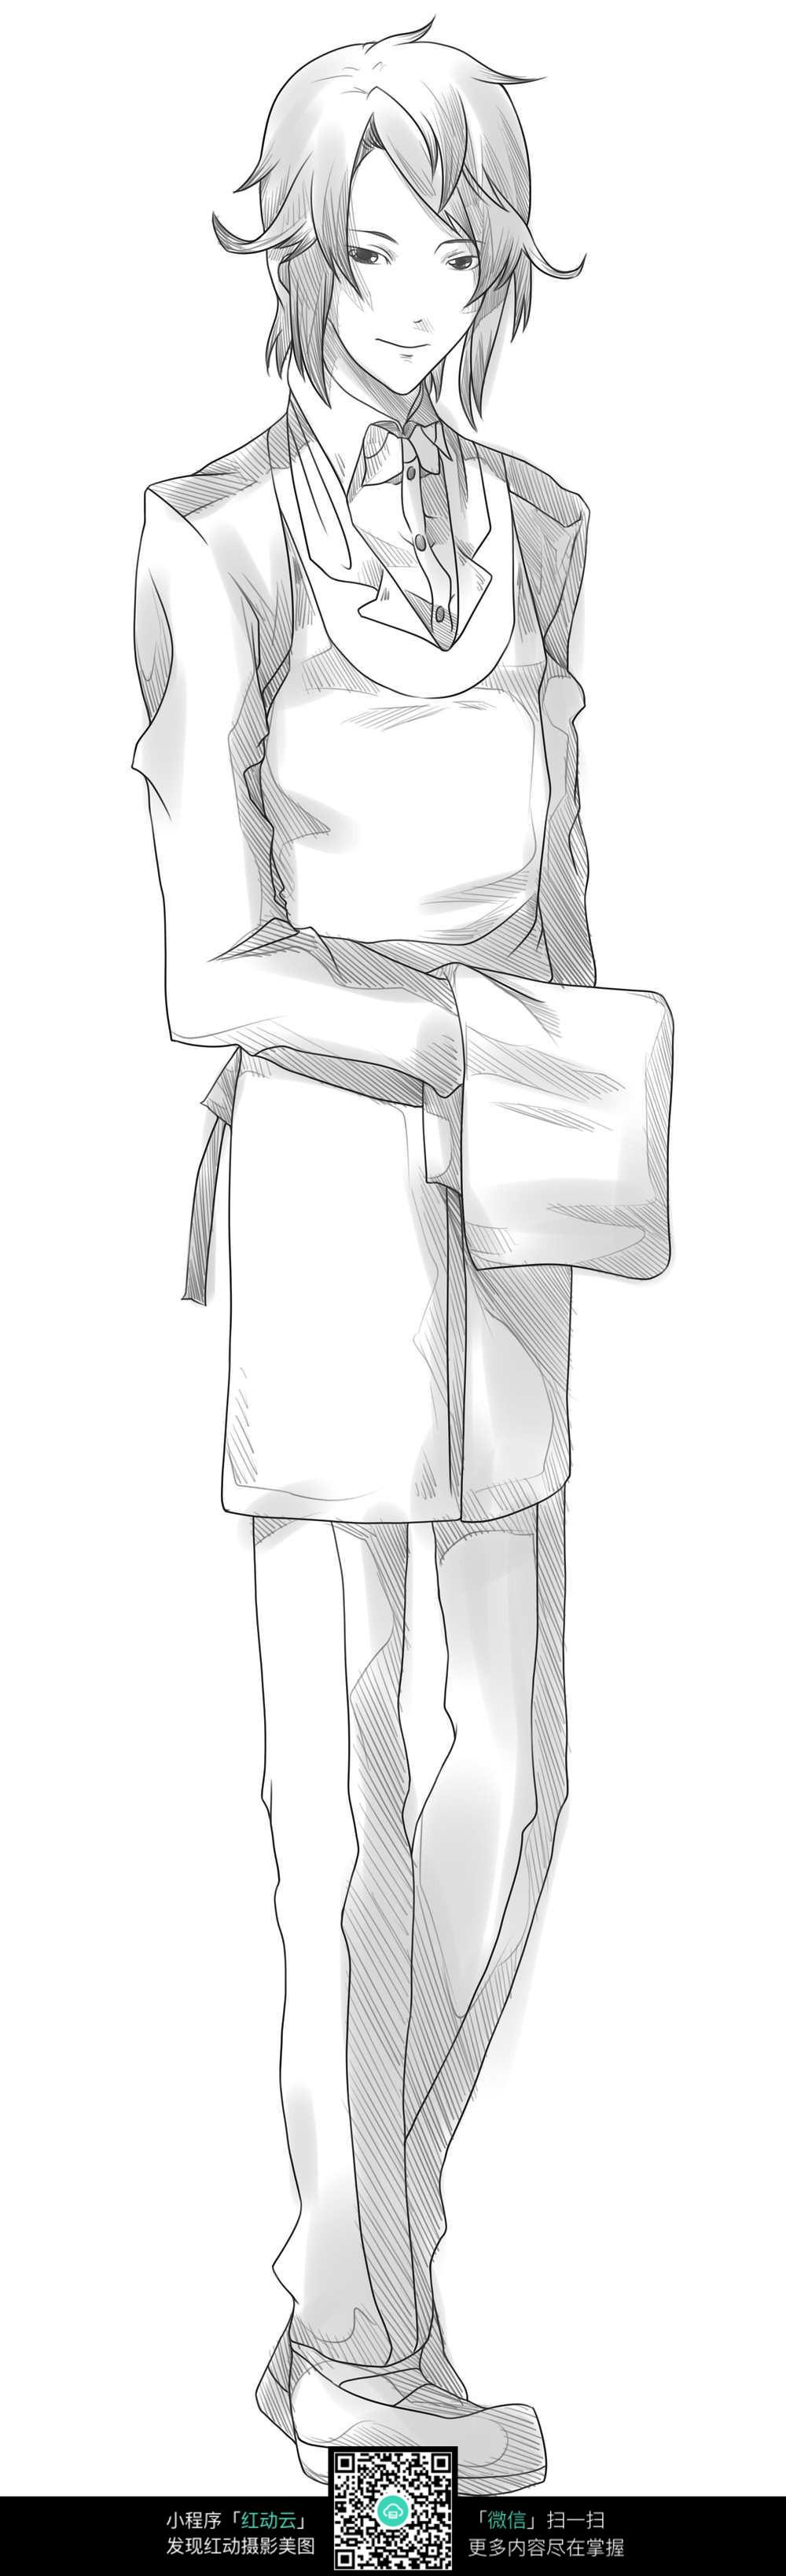 少年 卡通 手绘线稿 卡通人物 手绘 线稿 漫画  卡通素材  插画 人物